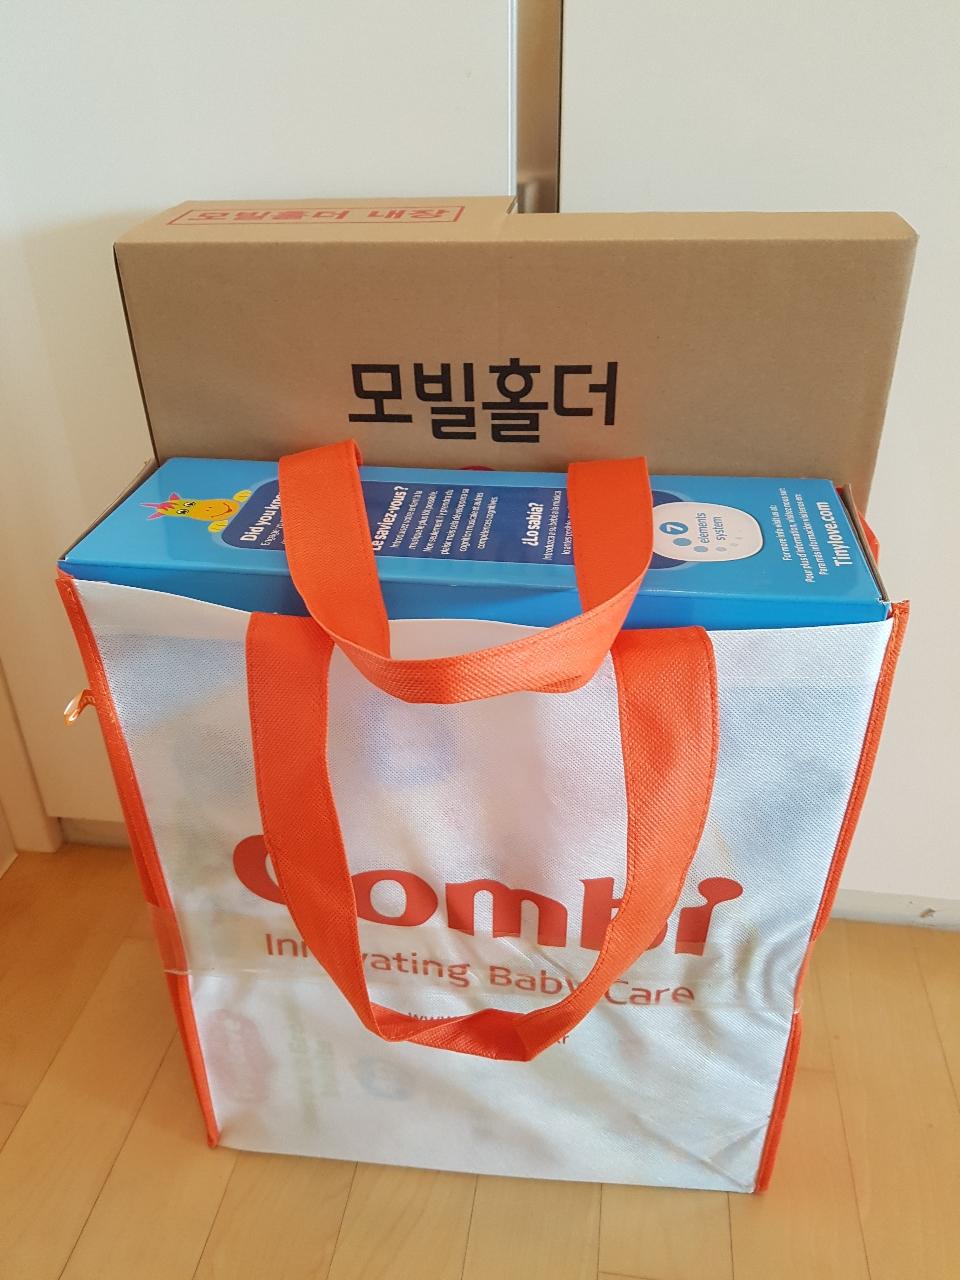 타이니 러브 모빌 미개봉 새상품 흑백포함